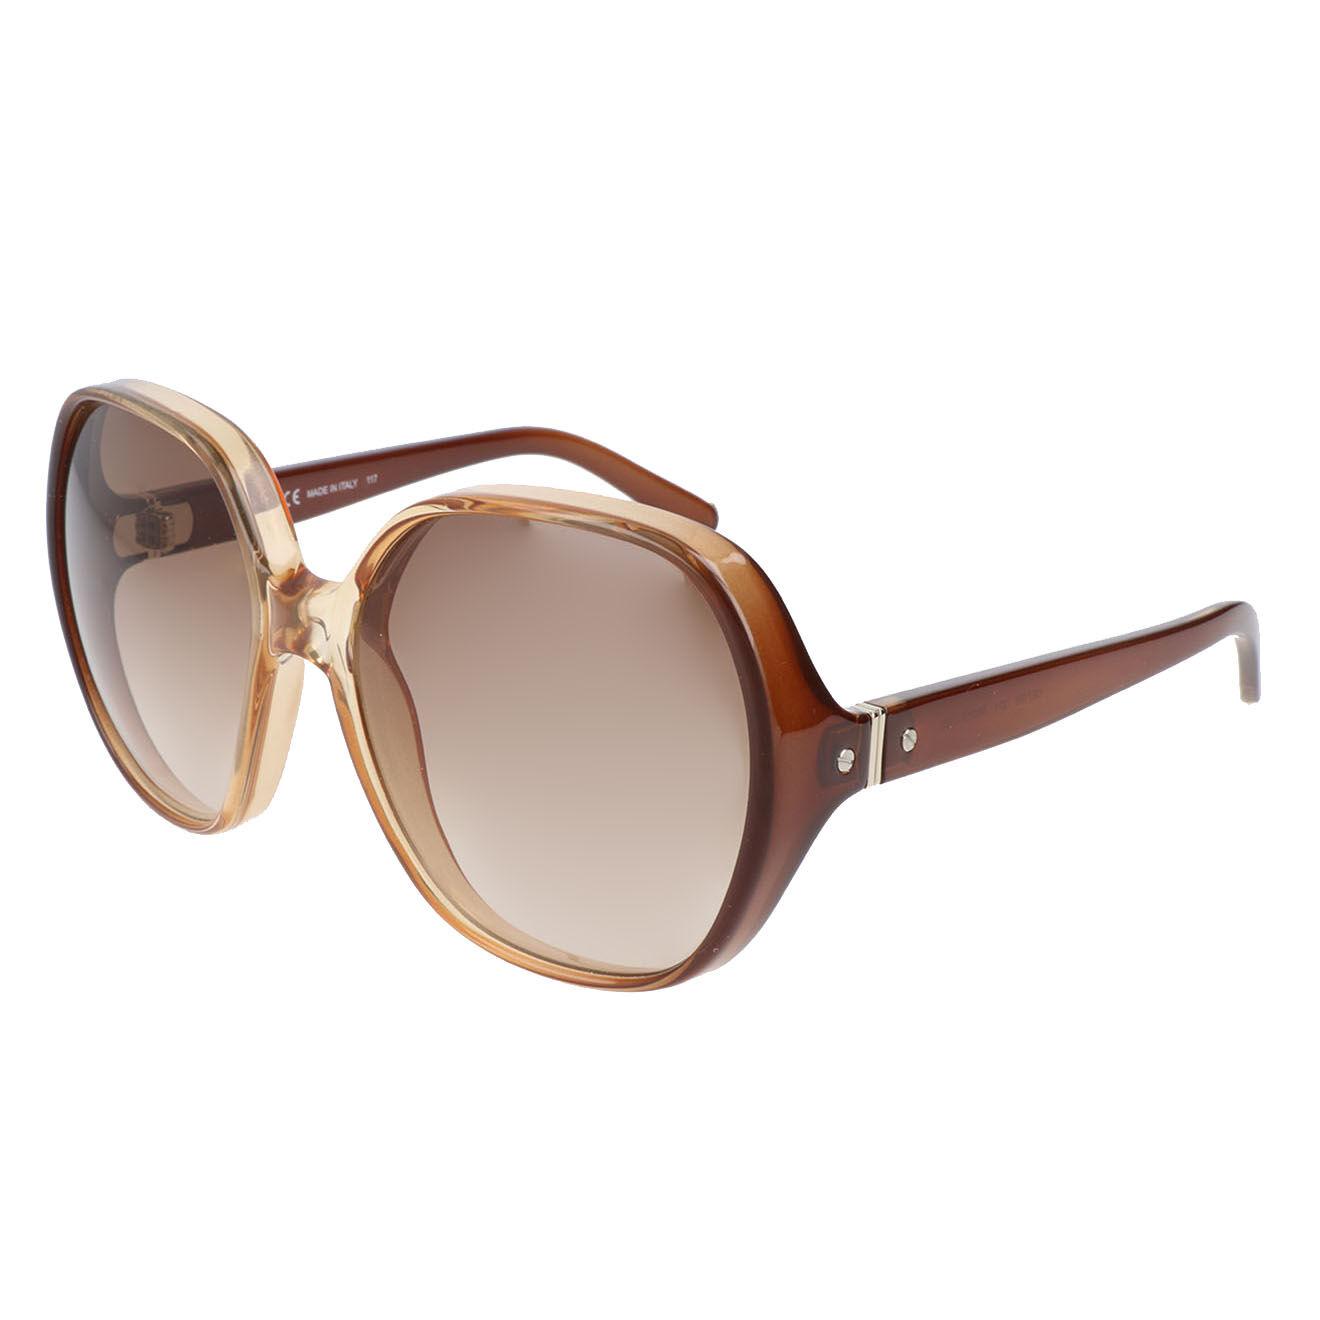 Chloé-femme-lunettes de soleil femme marron-t.u